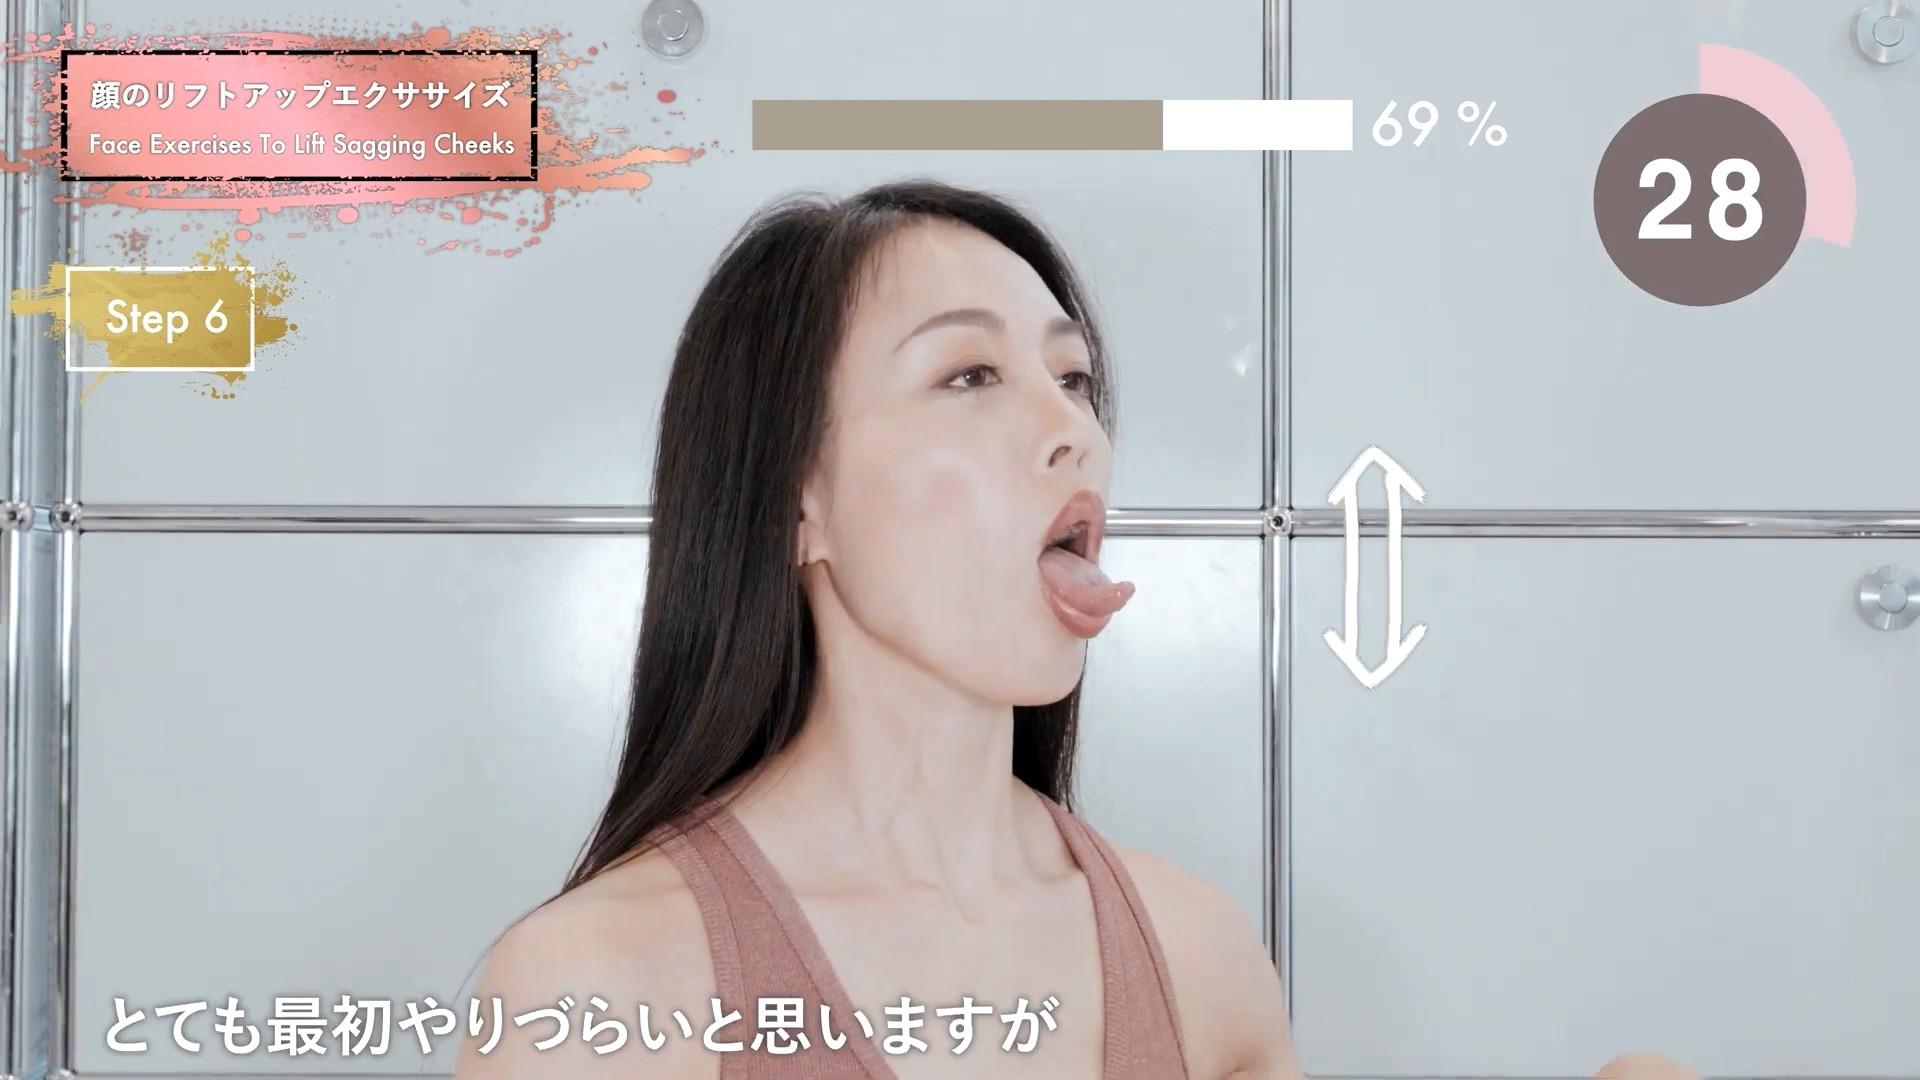 四十路美魔女の腋見せ舌トレ (3)